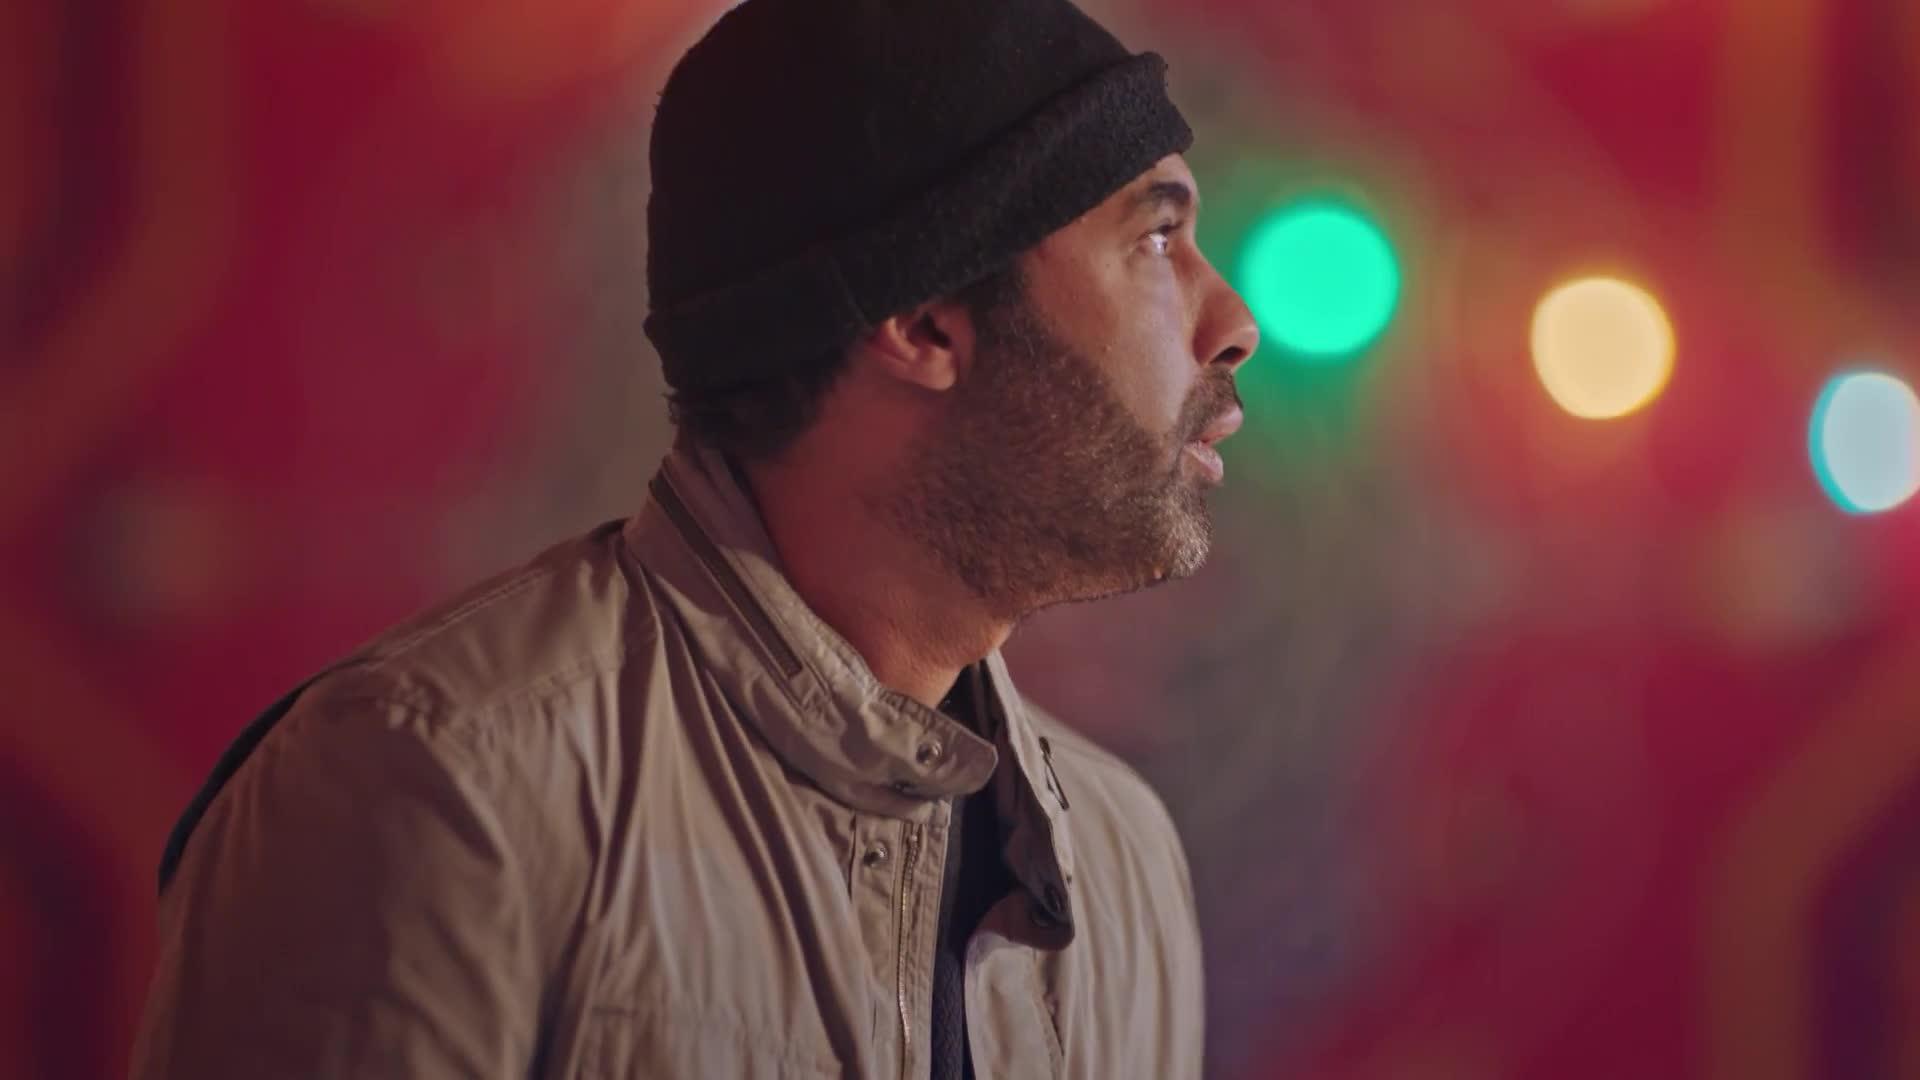 المسلسل المصري علامة استفهام [2019][WEB DL][1080p] تحميل تورنت 4 arabp2p.com